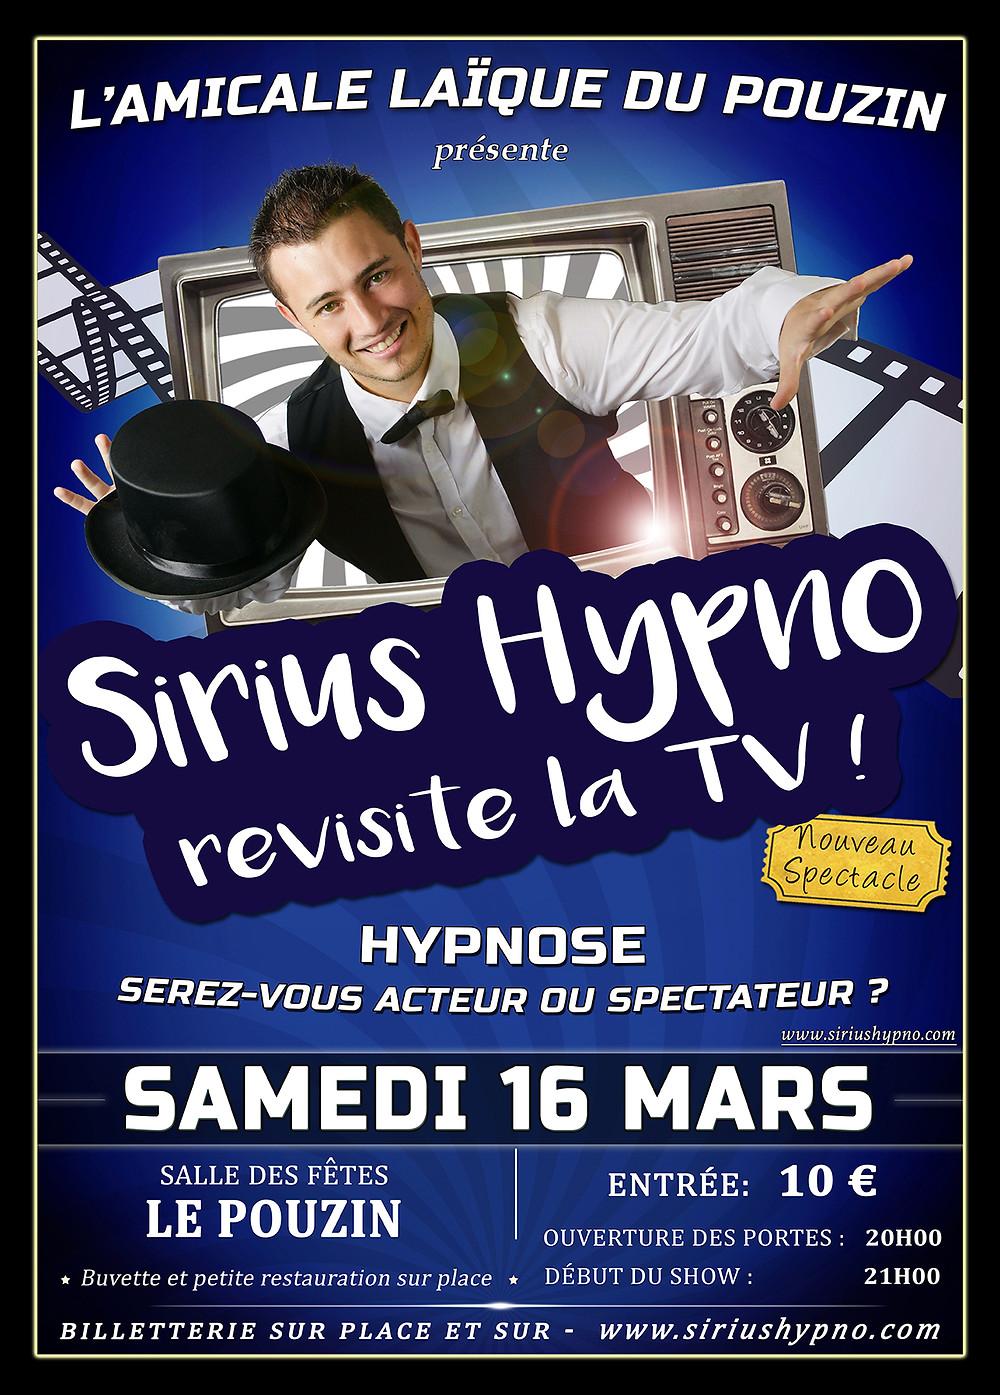 Affiche Sirius Hypno revisite la TV Le Pouzin 2019